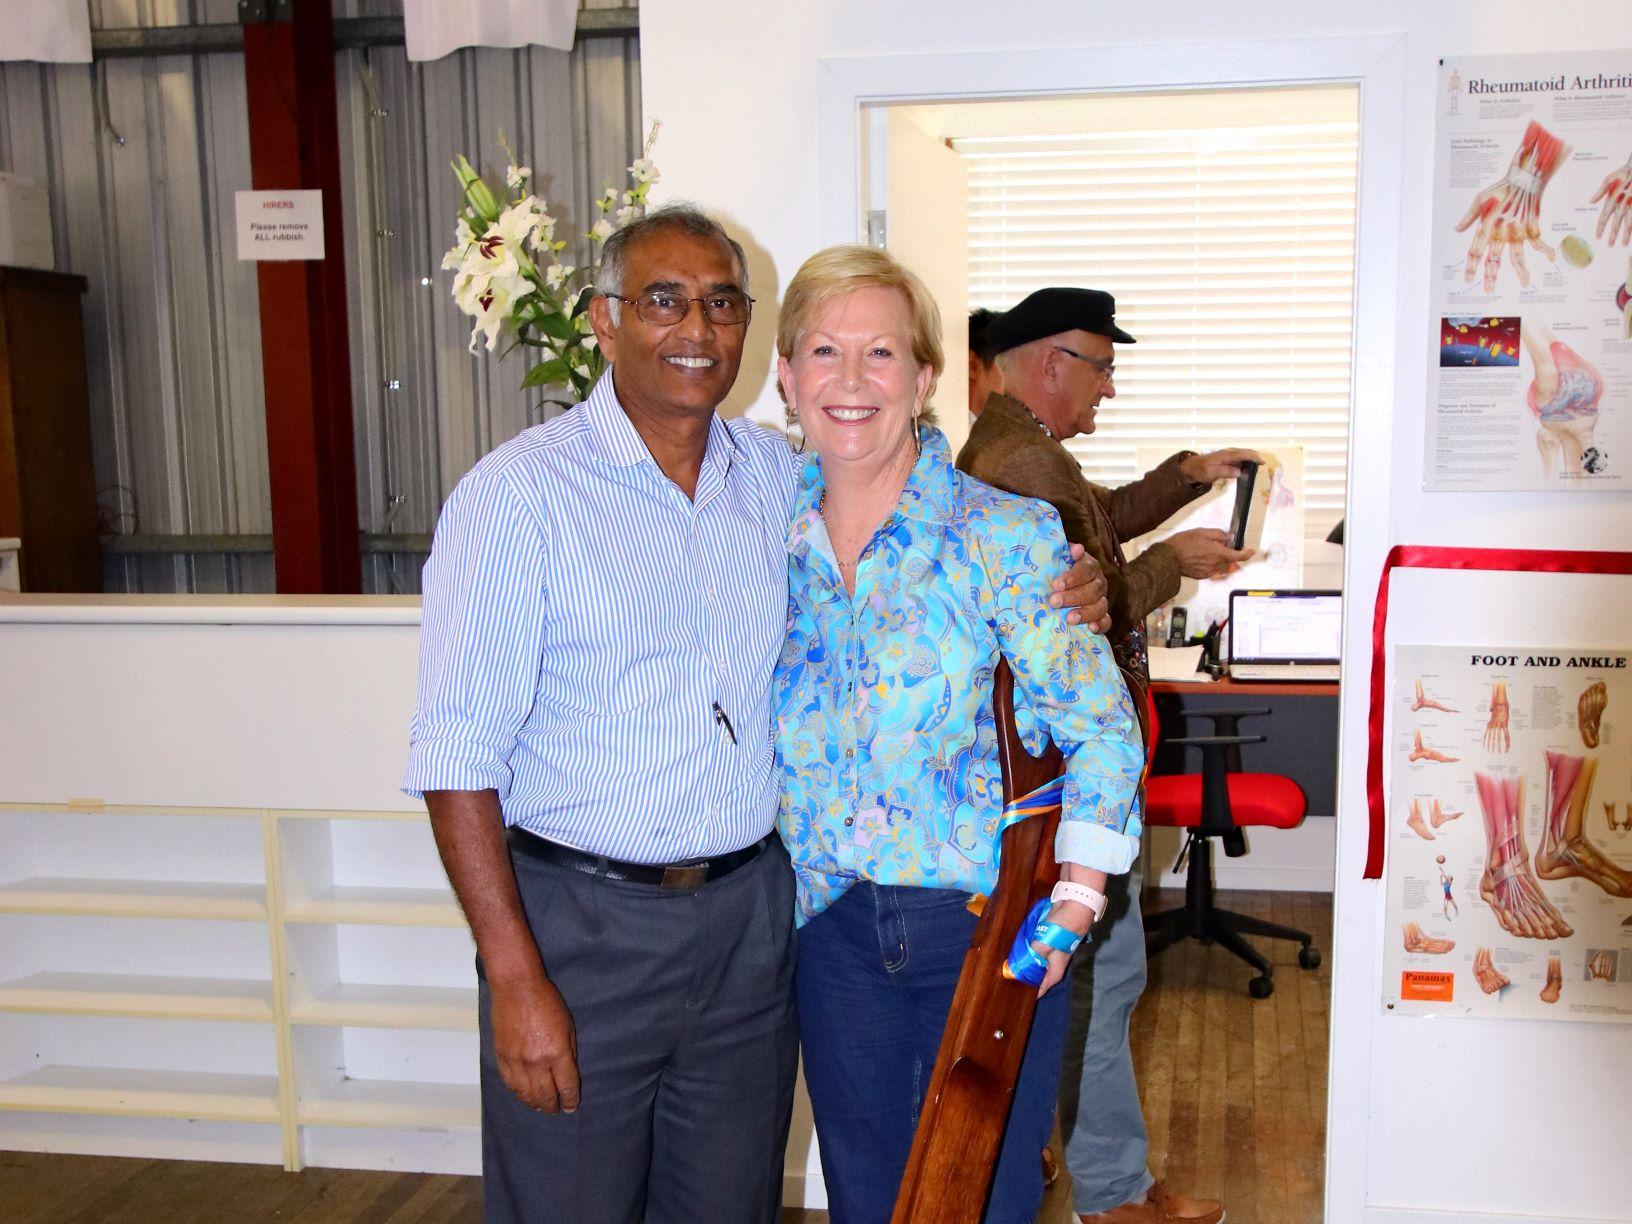 Ulong Health Hub opening - Dr Ruthnam and Mayor